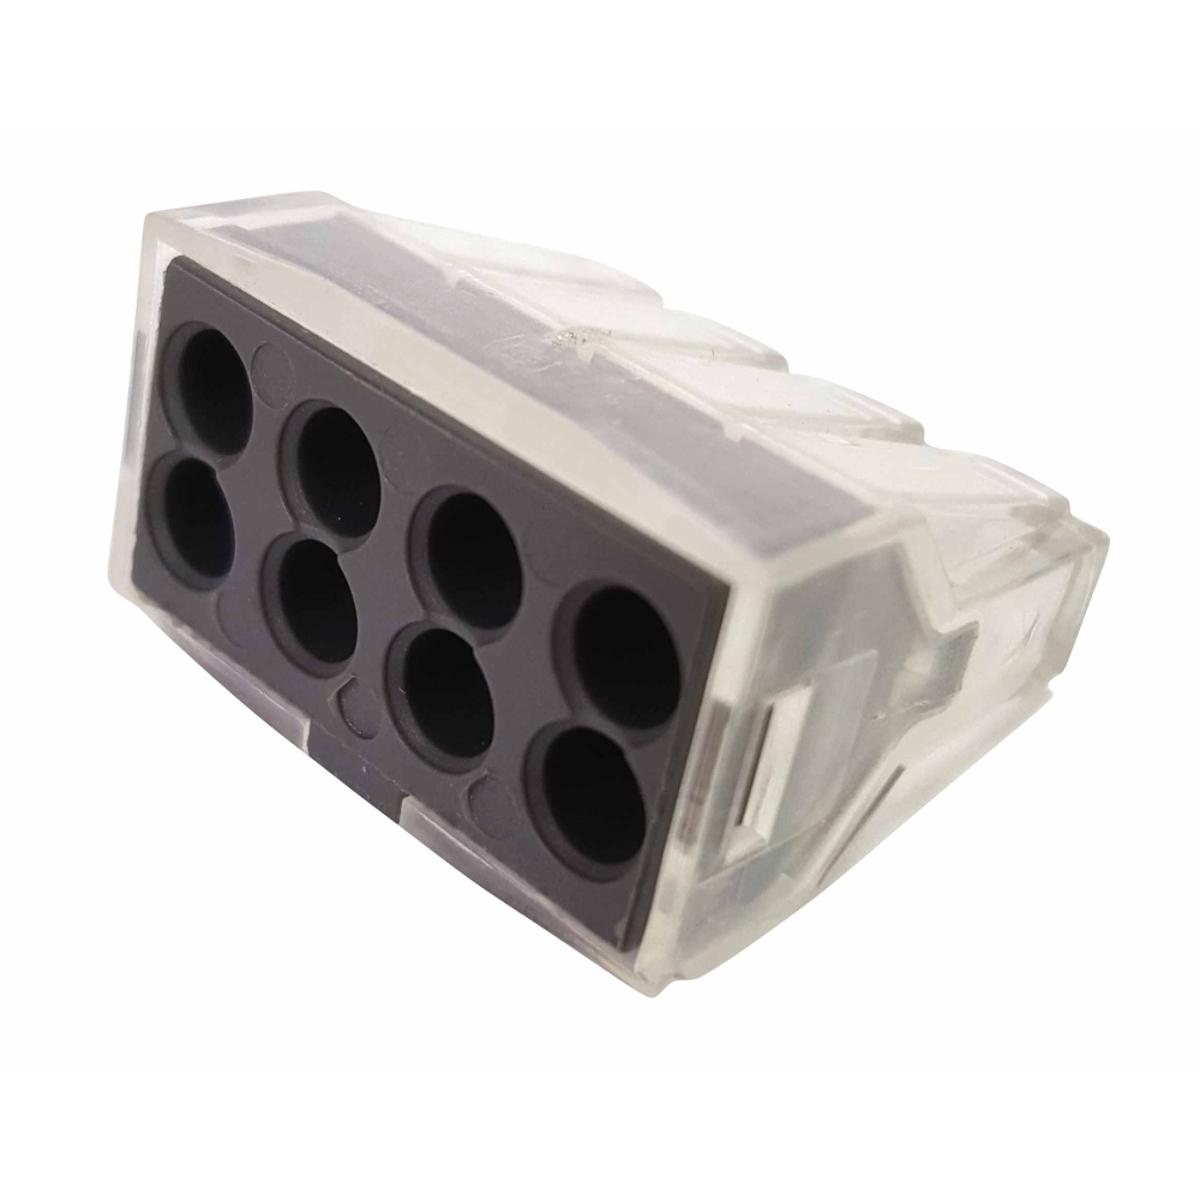 Клемма строительно-монтажная Blox КБМ, 8x2,5 мм2, 10 штЭТ.120017Строительно-монтажные клеммы КБМ (клеммы быстрого монтажа) применяются для соединения и ответвления одножильных медных и алюминиевых проводов или многожильных медных проводов с наконечником в электрических цепях переменного тока напряжением до 380В с частотой 50 Гц. Сечение: 2,5мм2 Количество проводников: 8 Тип провода: Медный одножильный провод; Медный многожильный провод Контактные группы: Однополярный